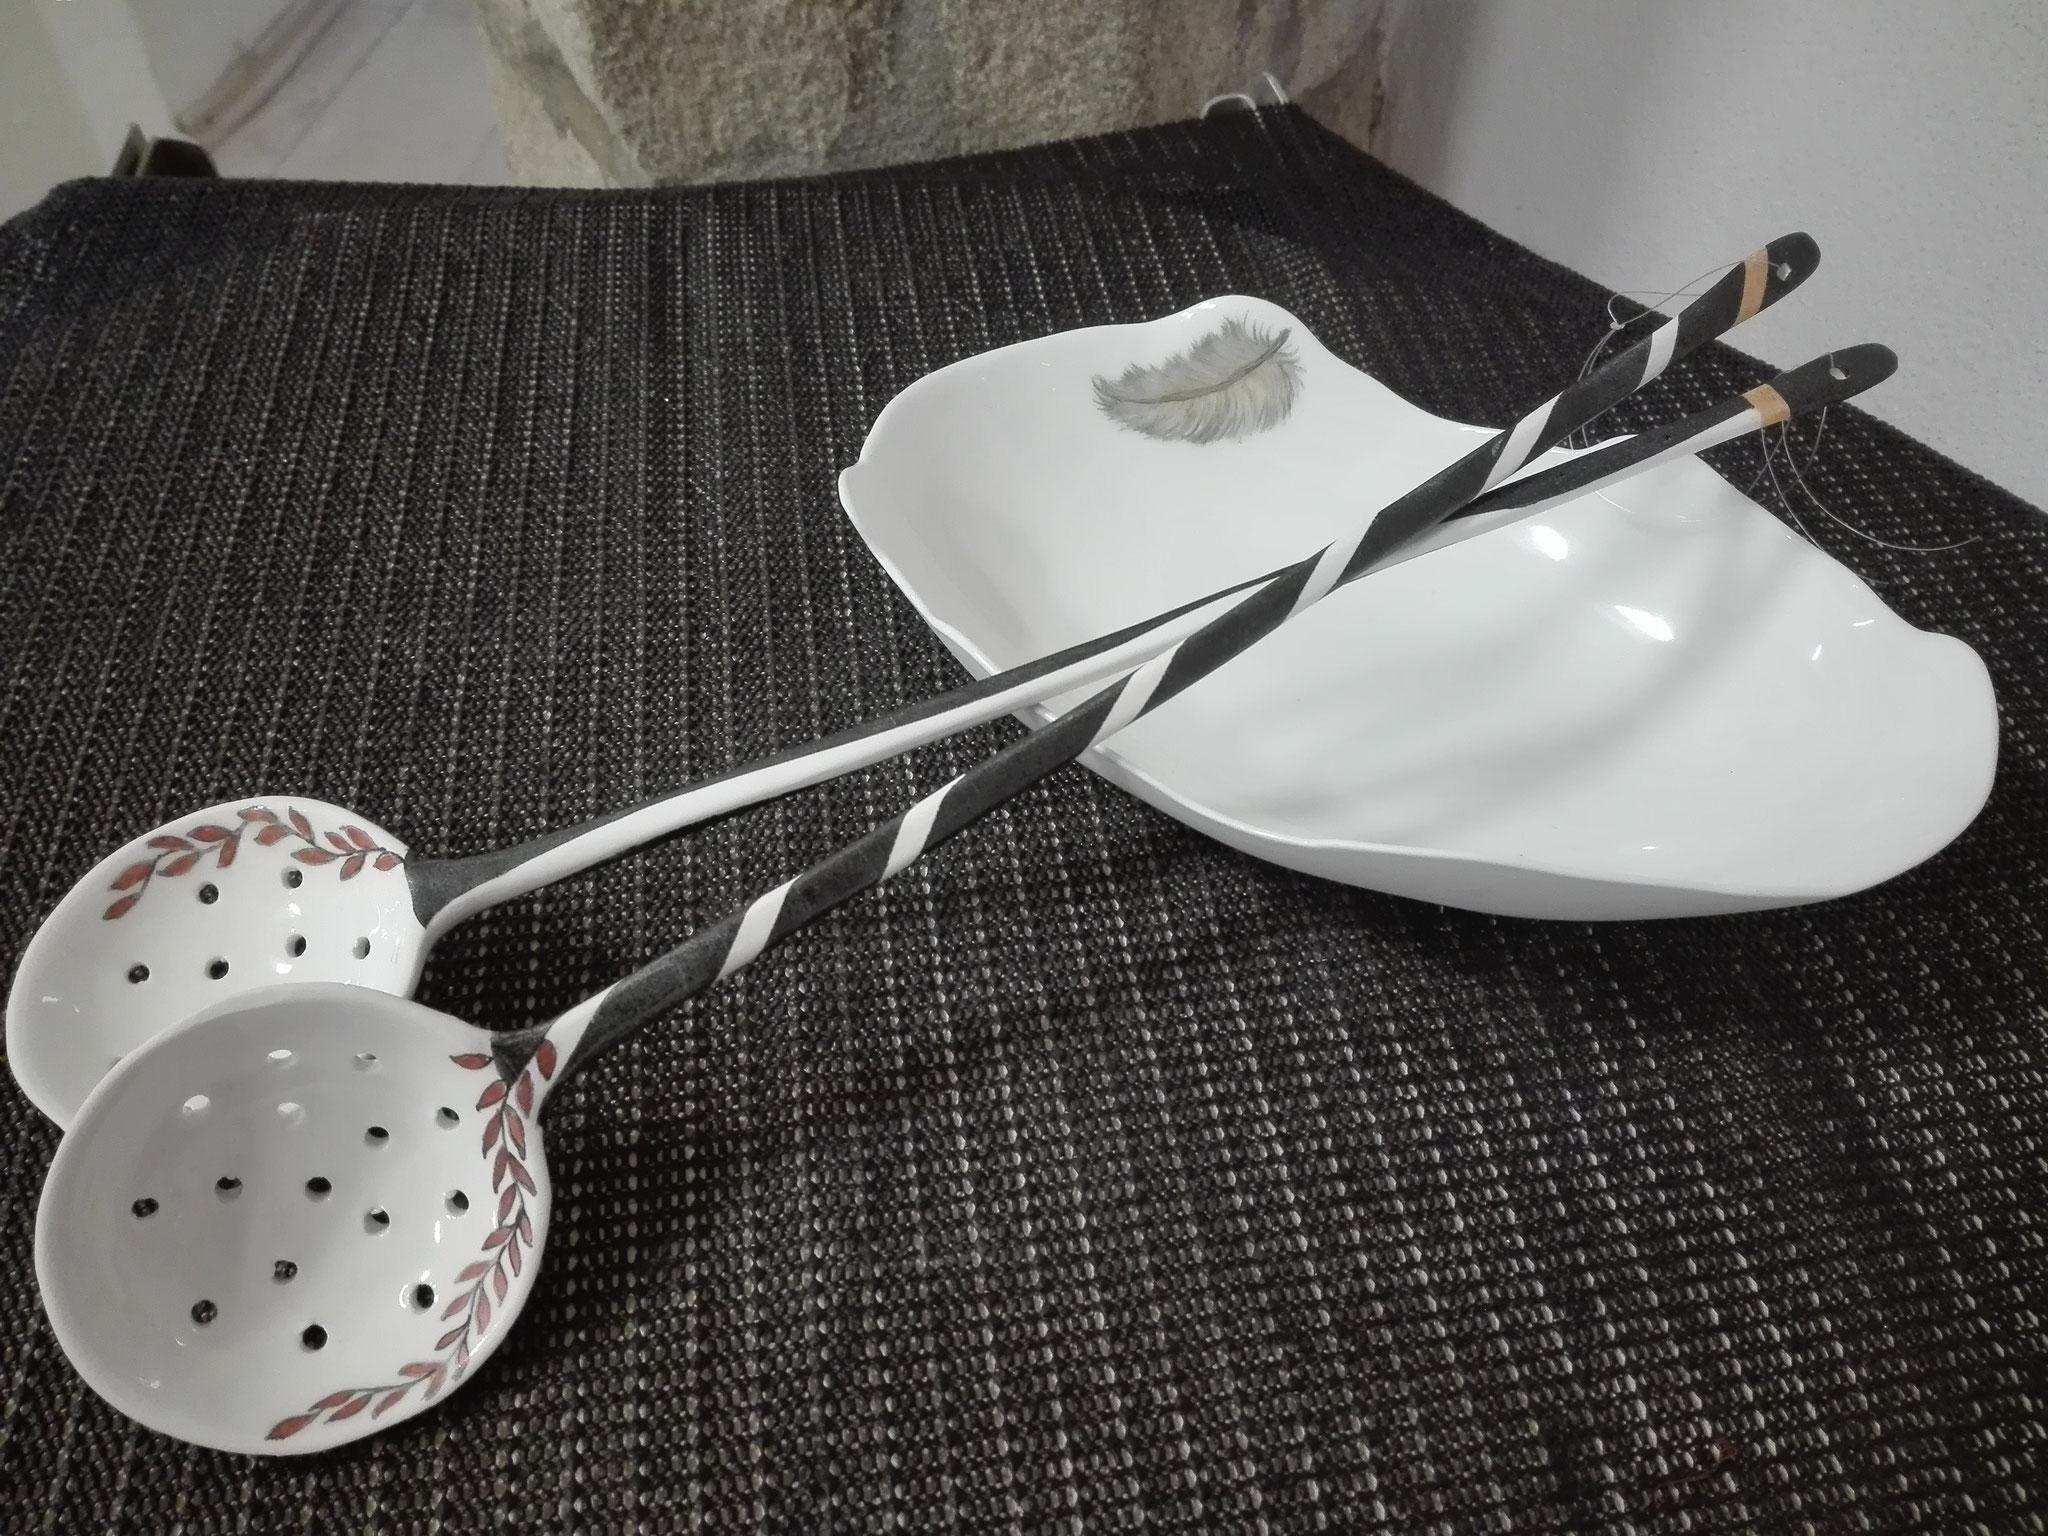 """Salatbesteck und ovale Schale, Serie """"Perfect Imperfection"""", Gestaltung auch nach Wunsch"""